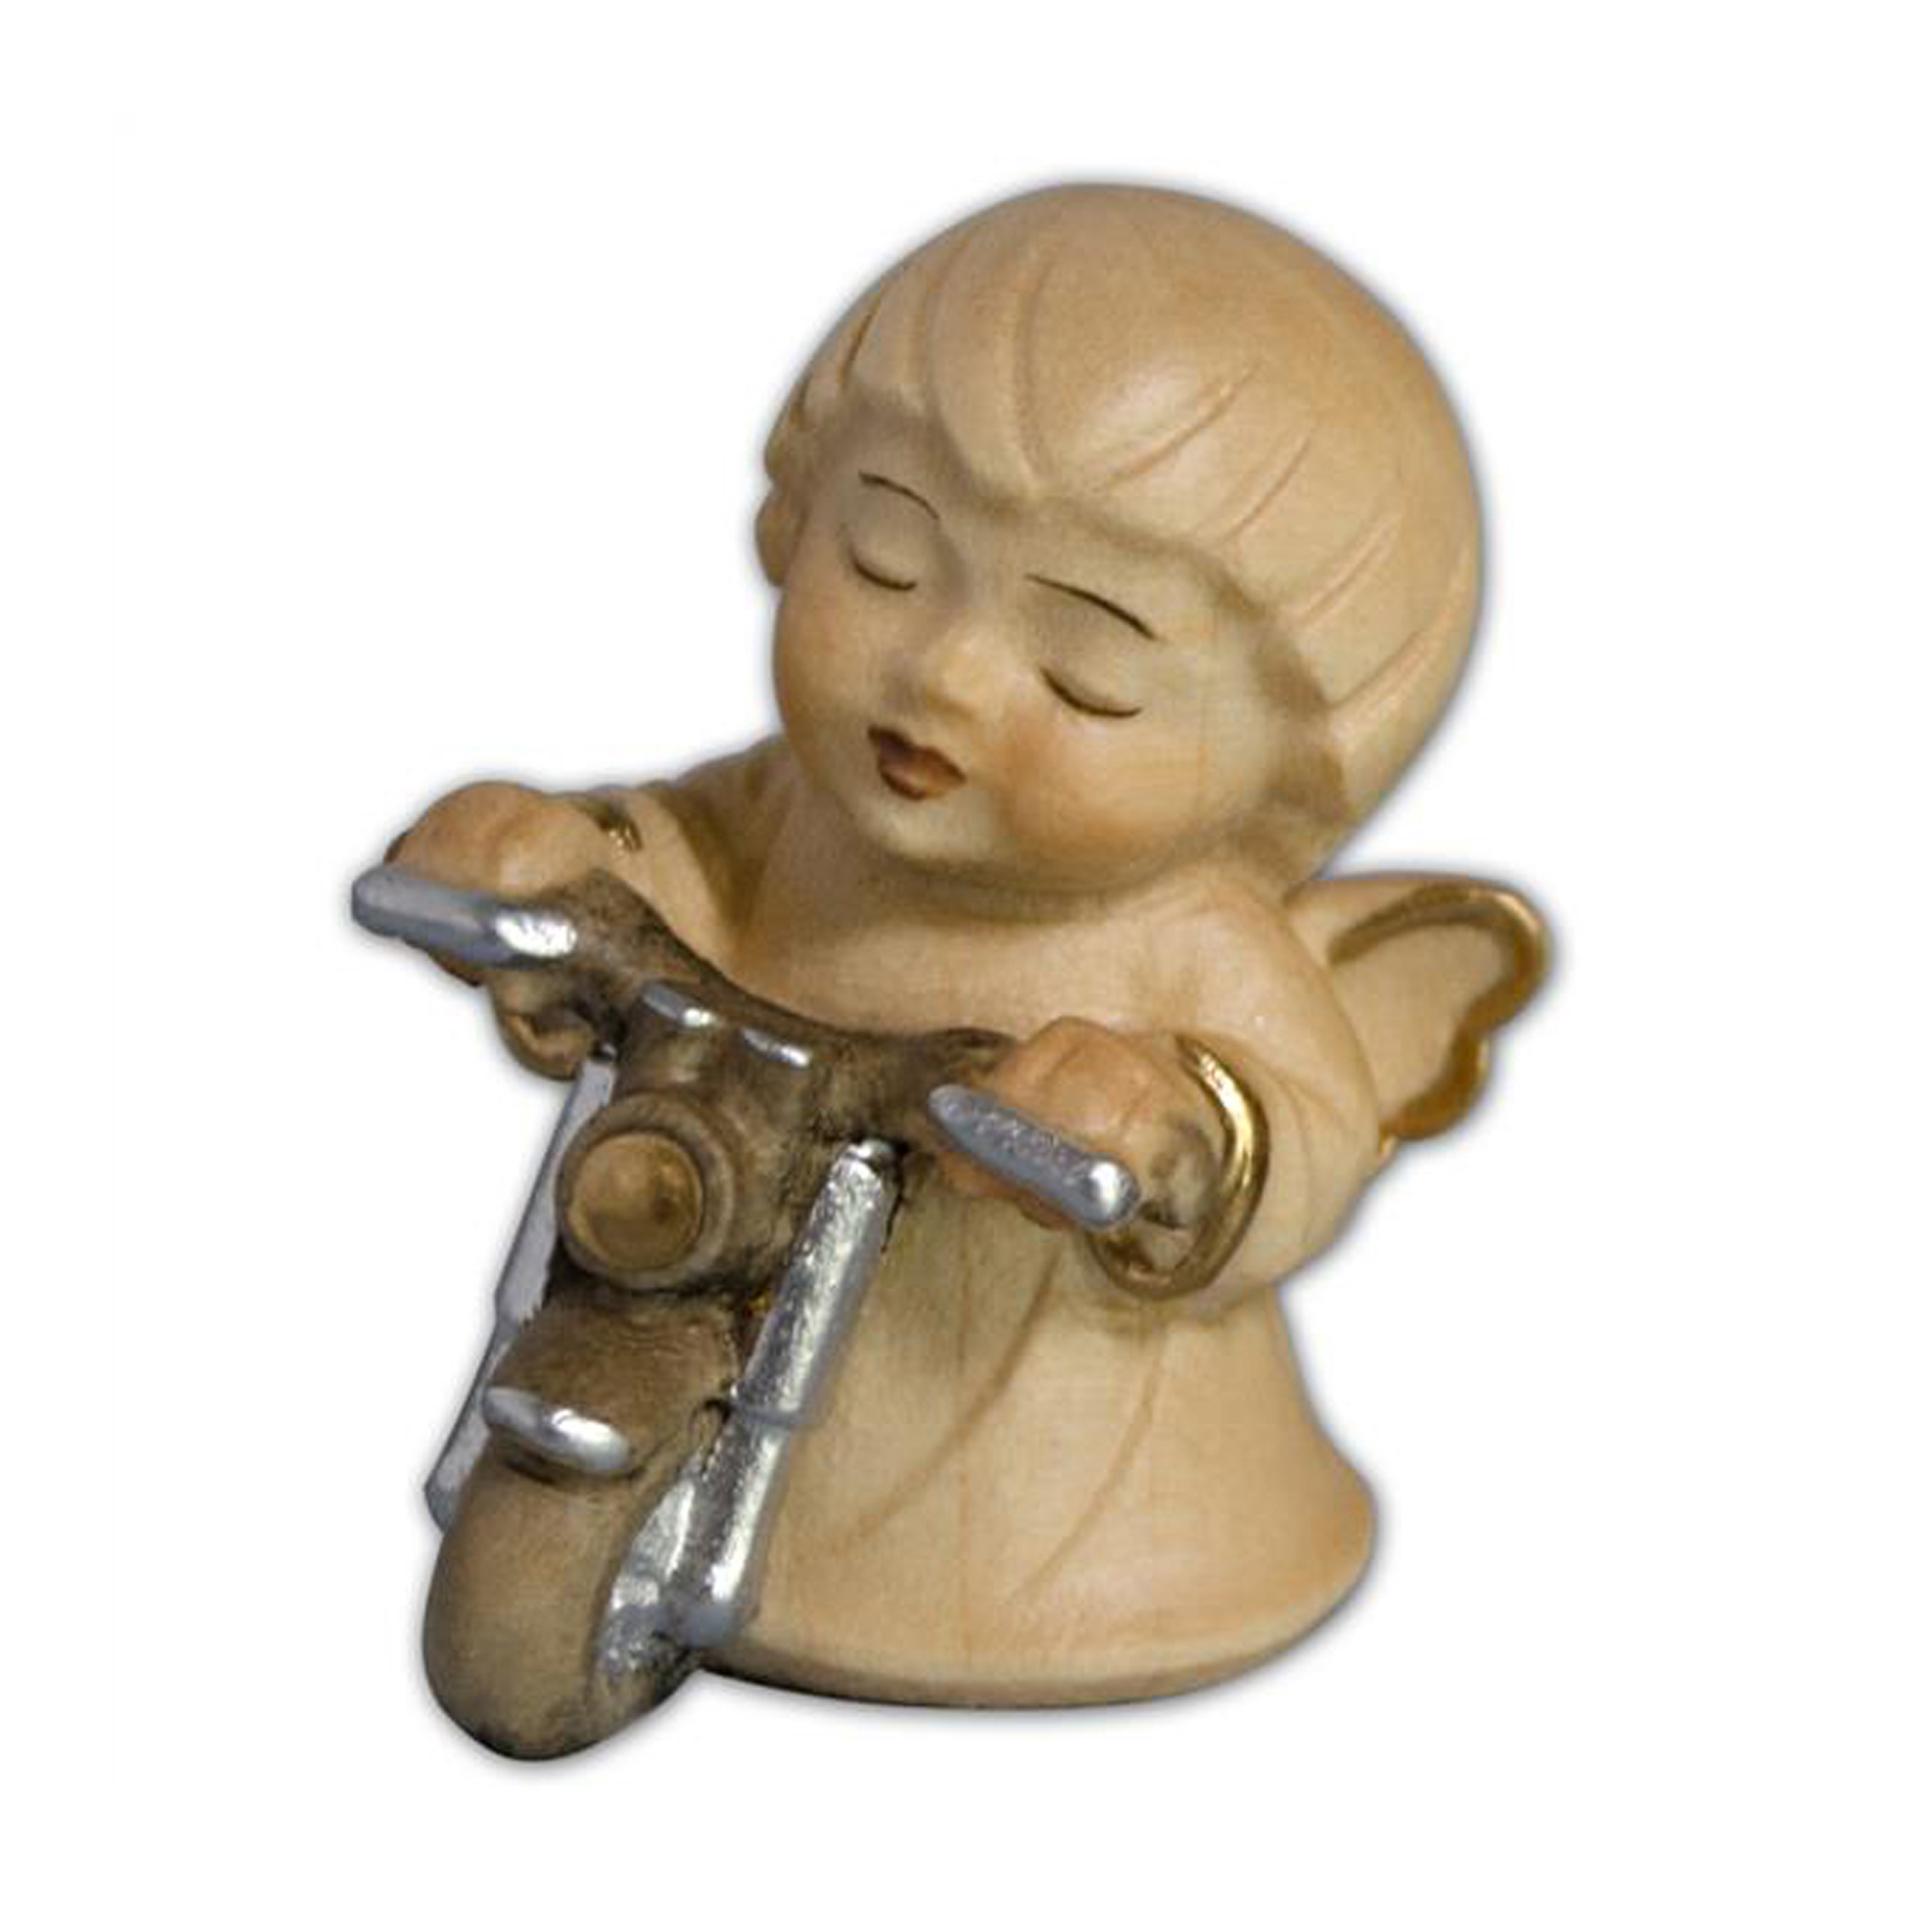 Engel mit Motorrad, alabaster